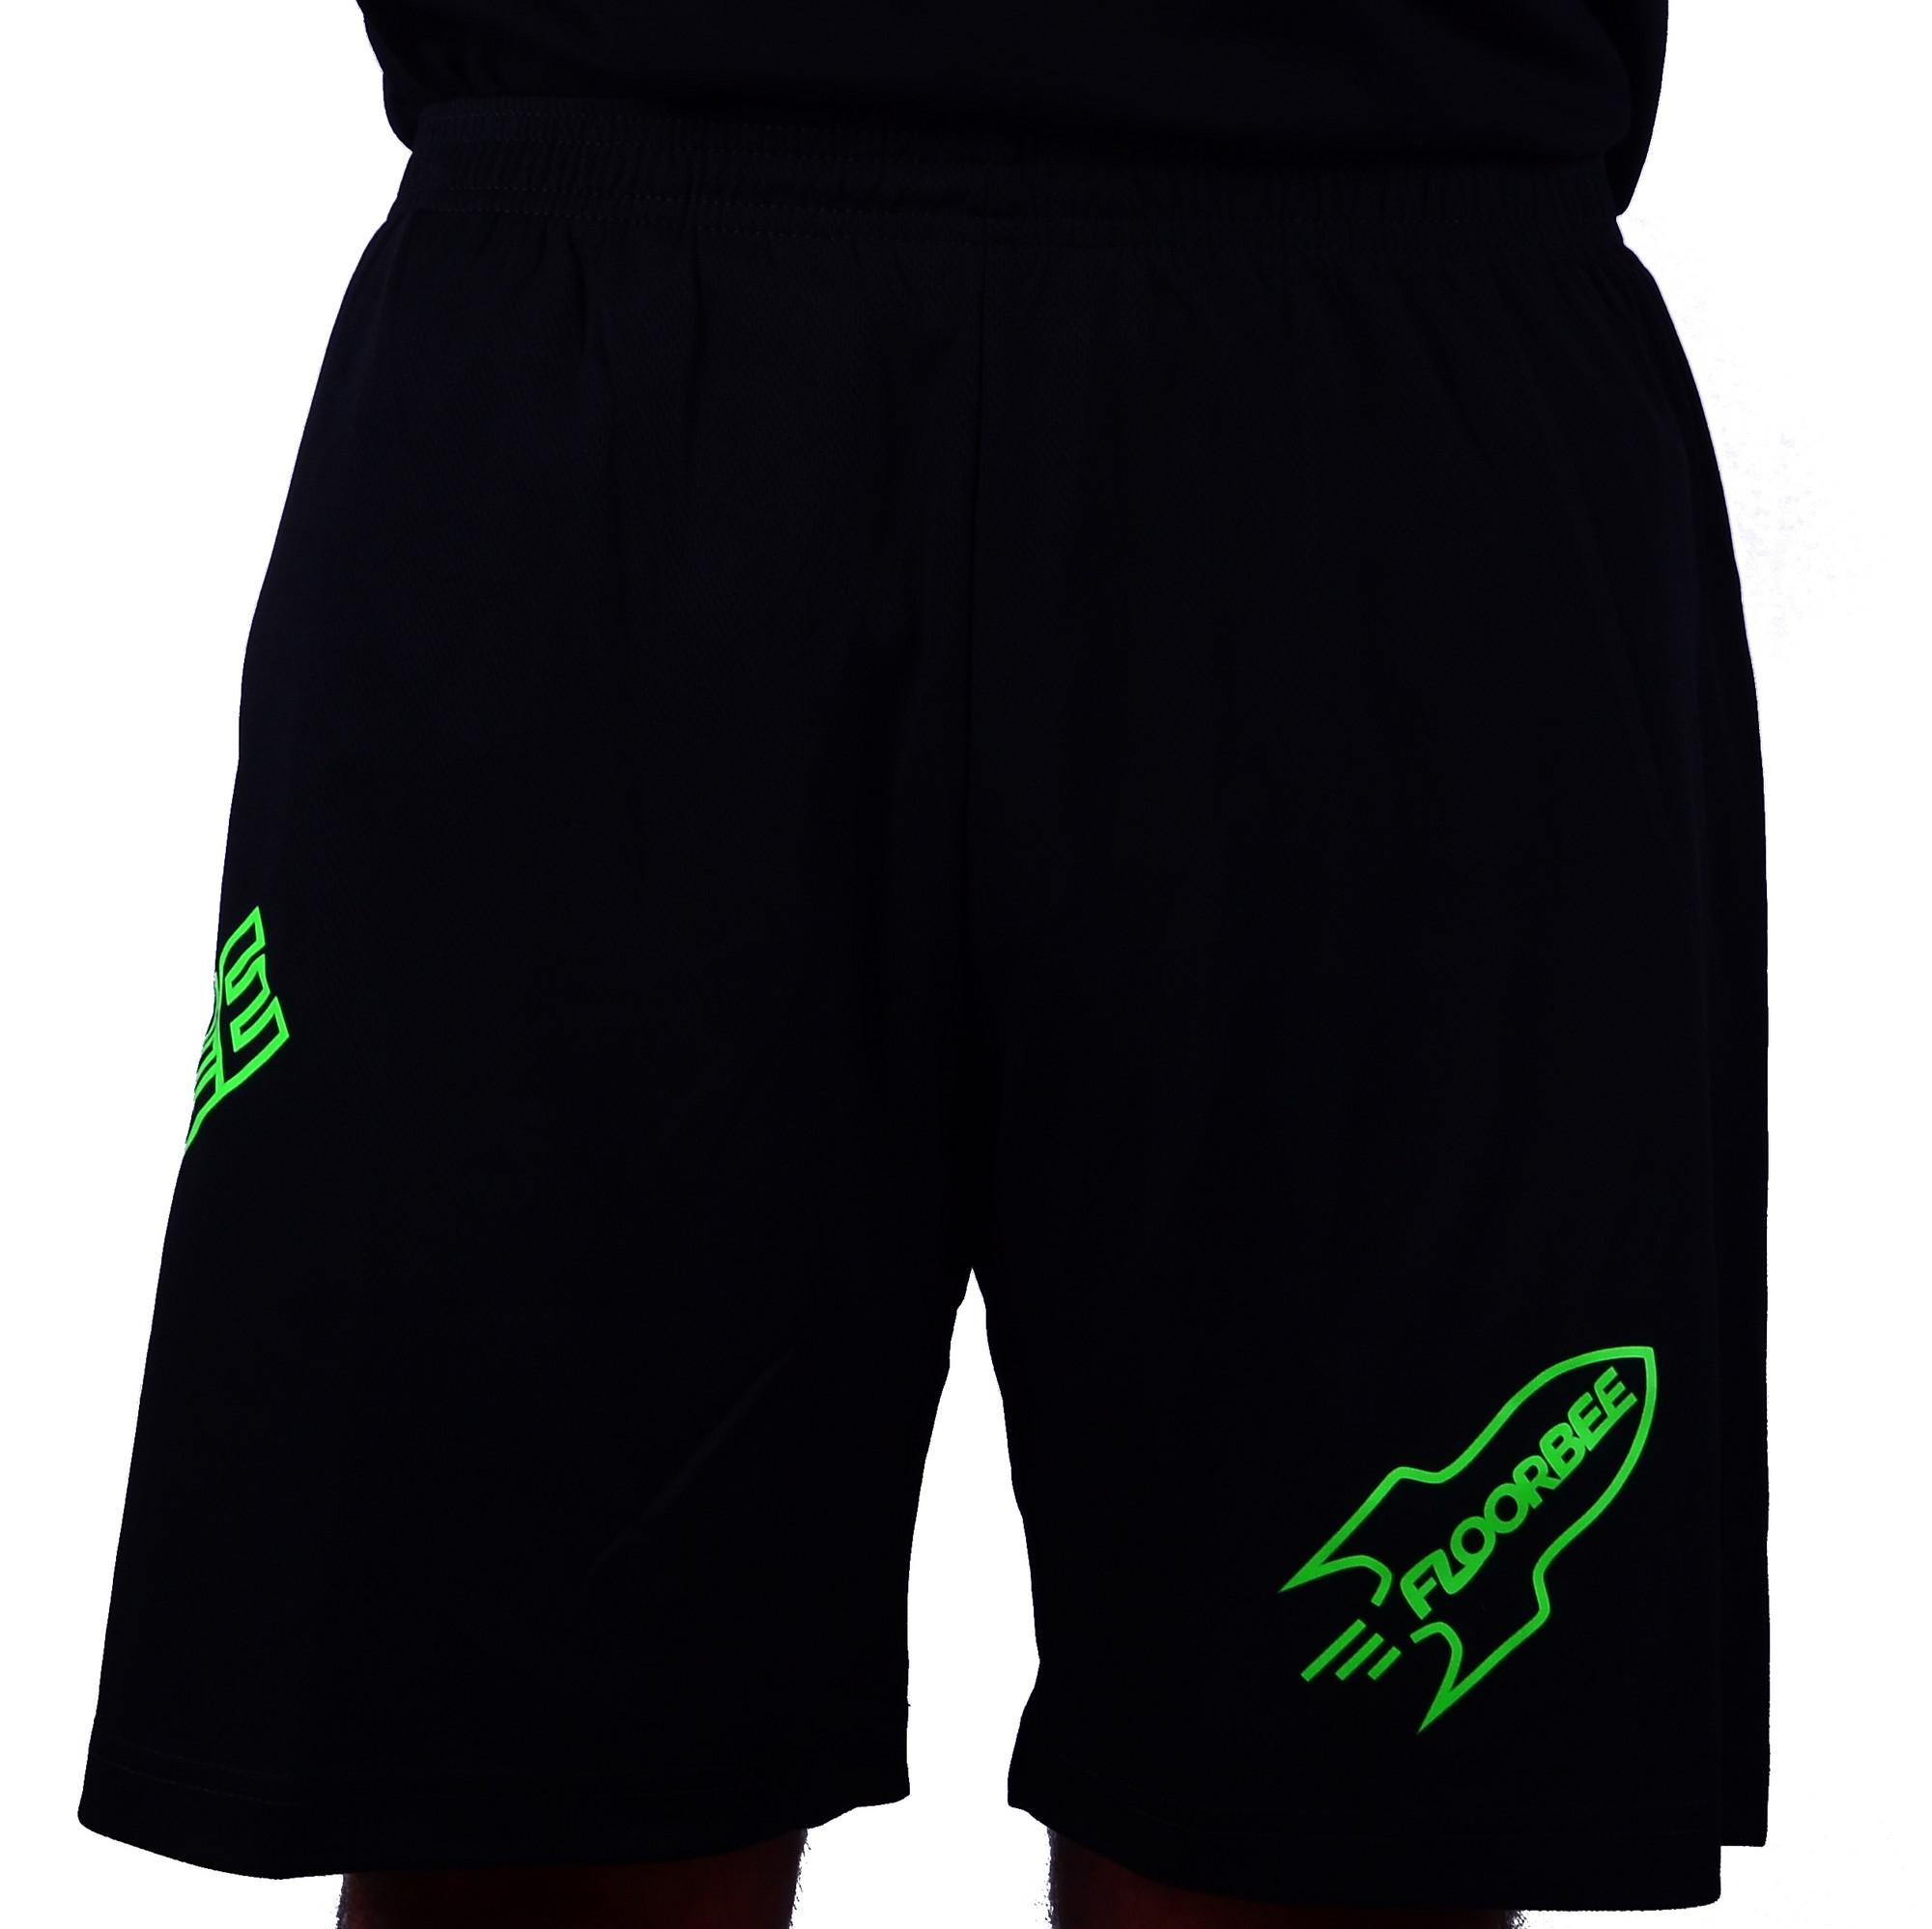 FLOORBEE The Rocket shorts XL, neonově zelená / černá